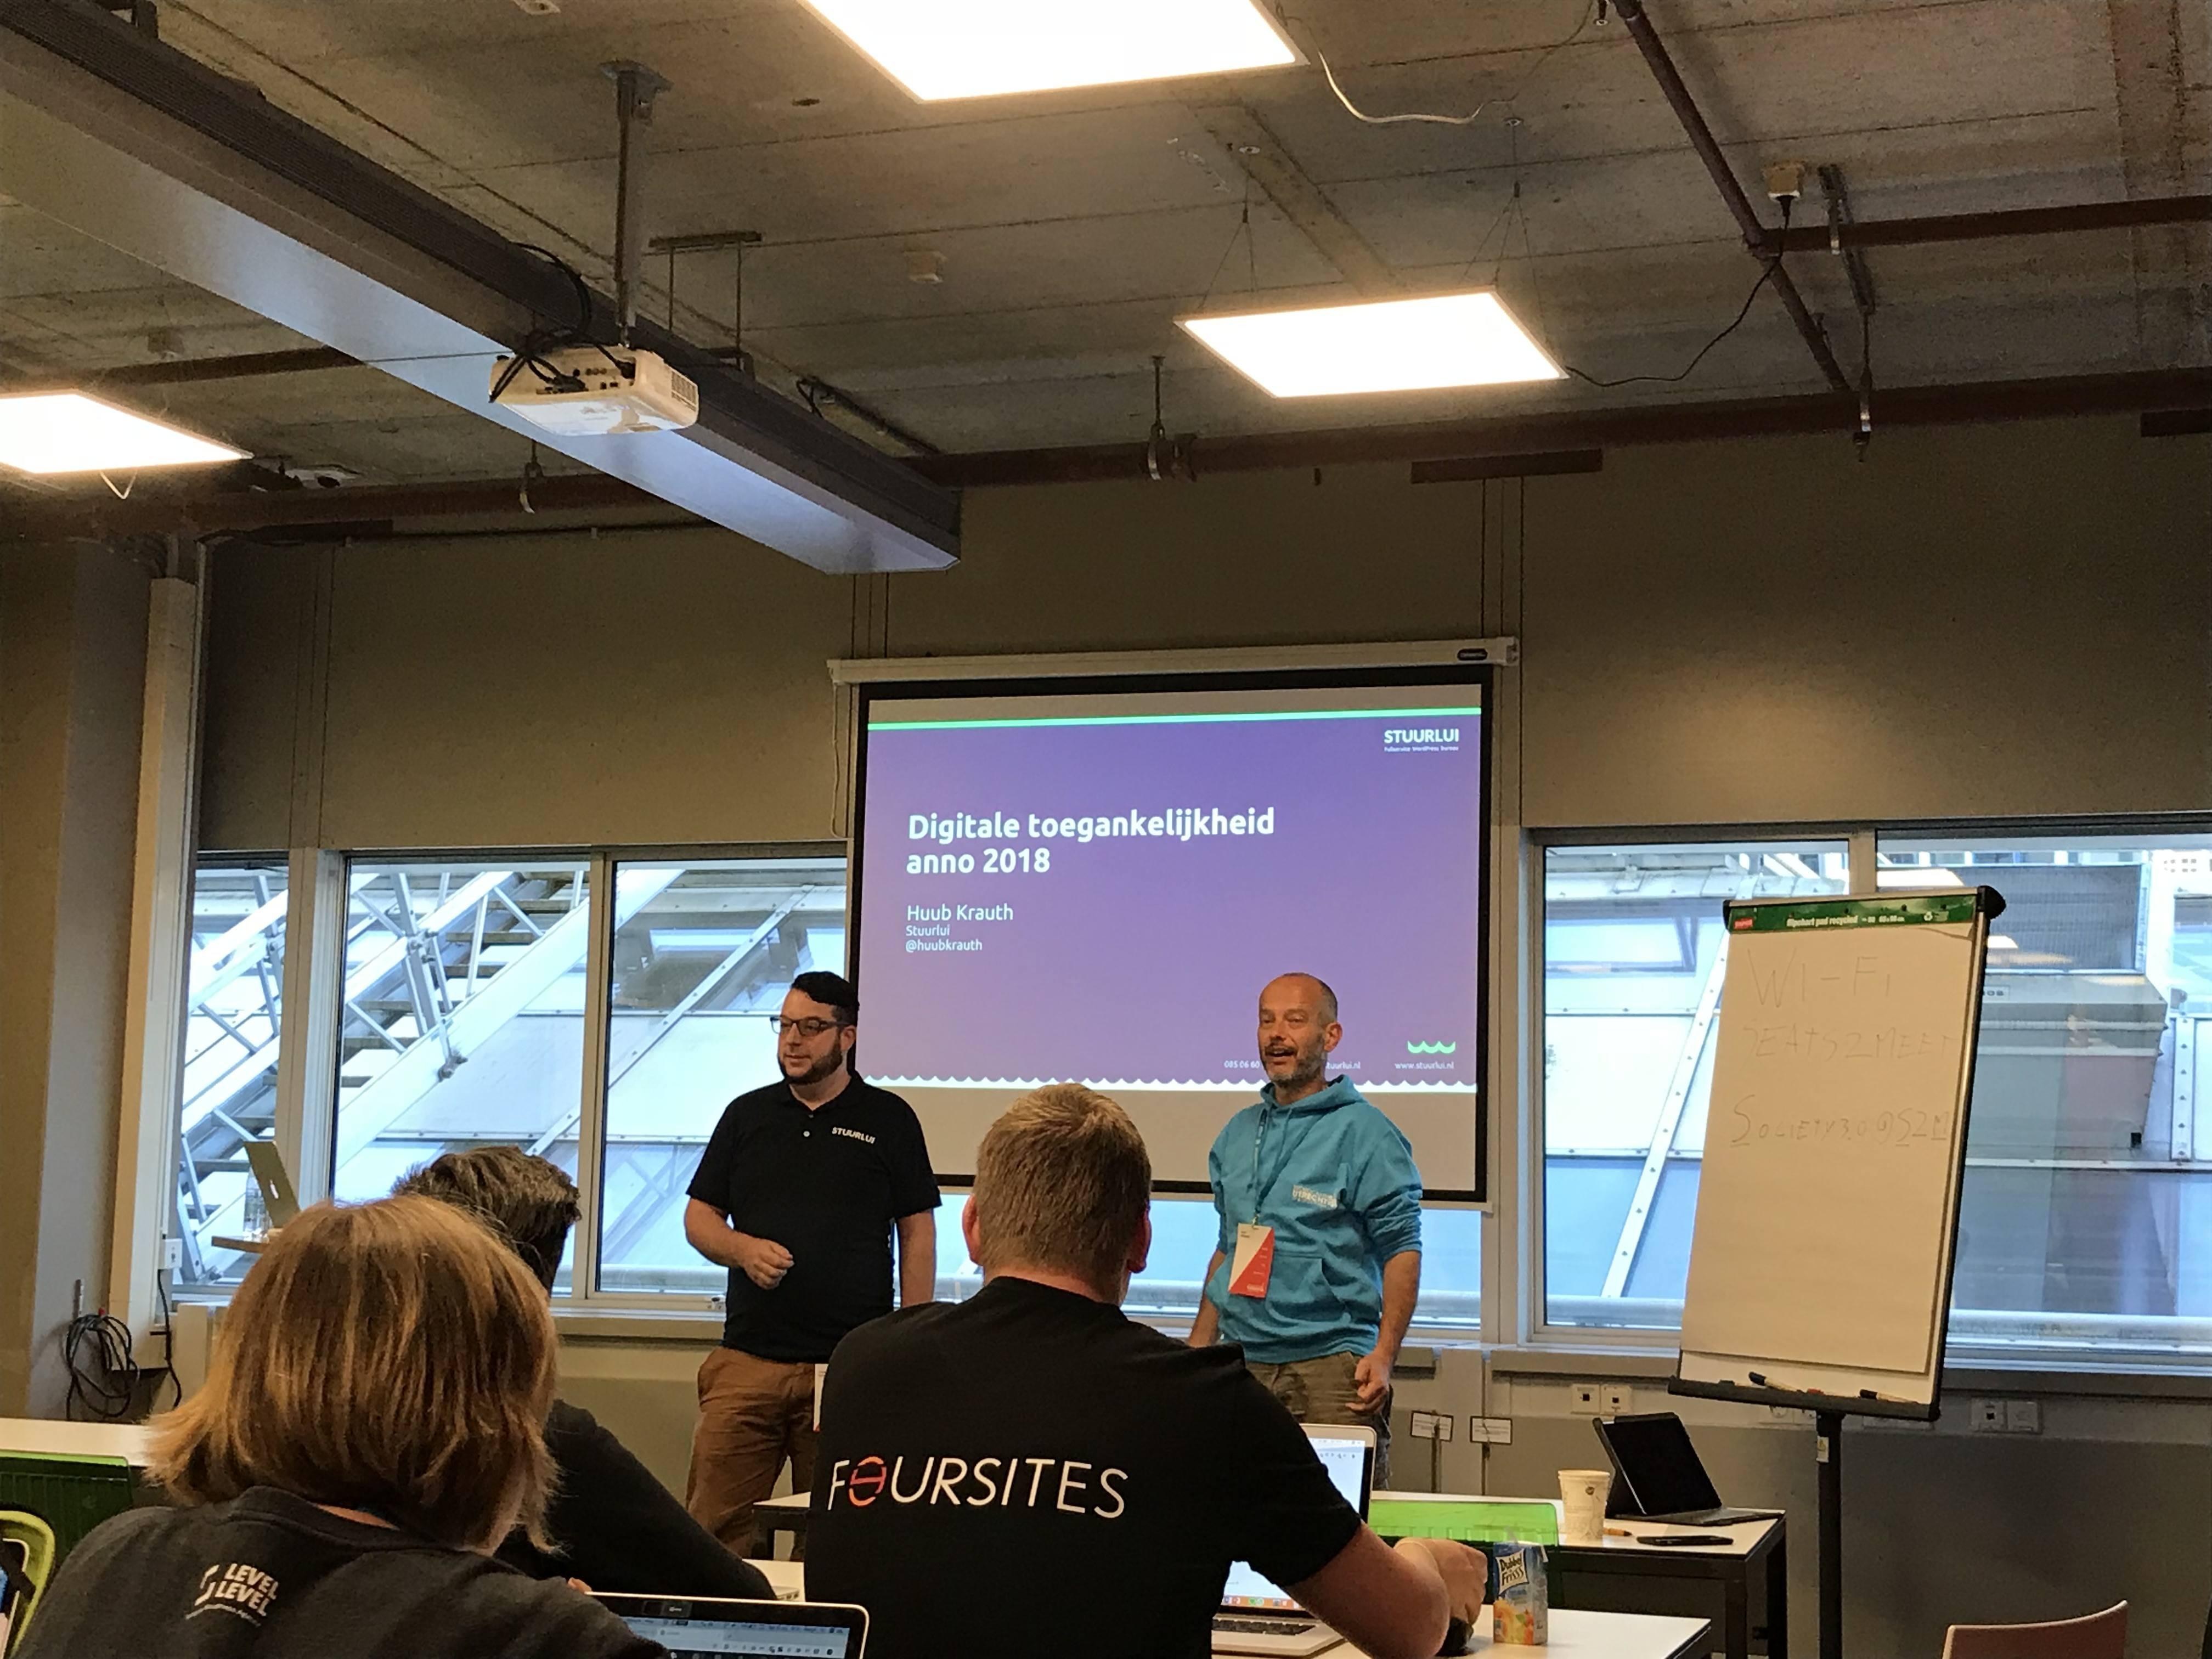 WordCamp Utrecht - Workshop Digitale Toegankelijkheid 2018 - Huub Krauth